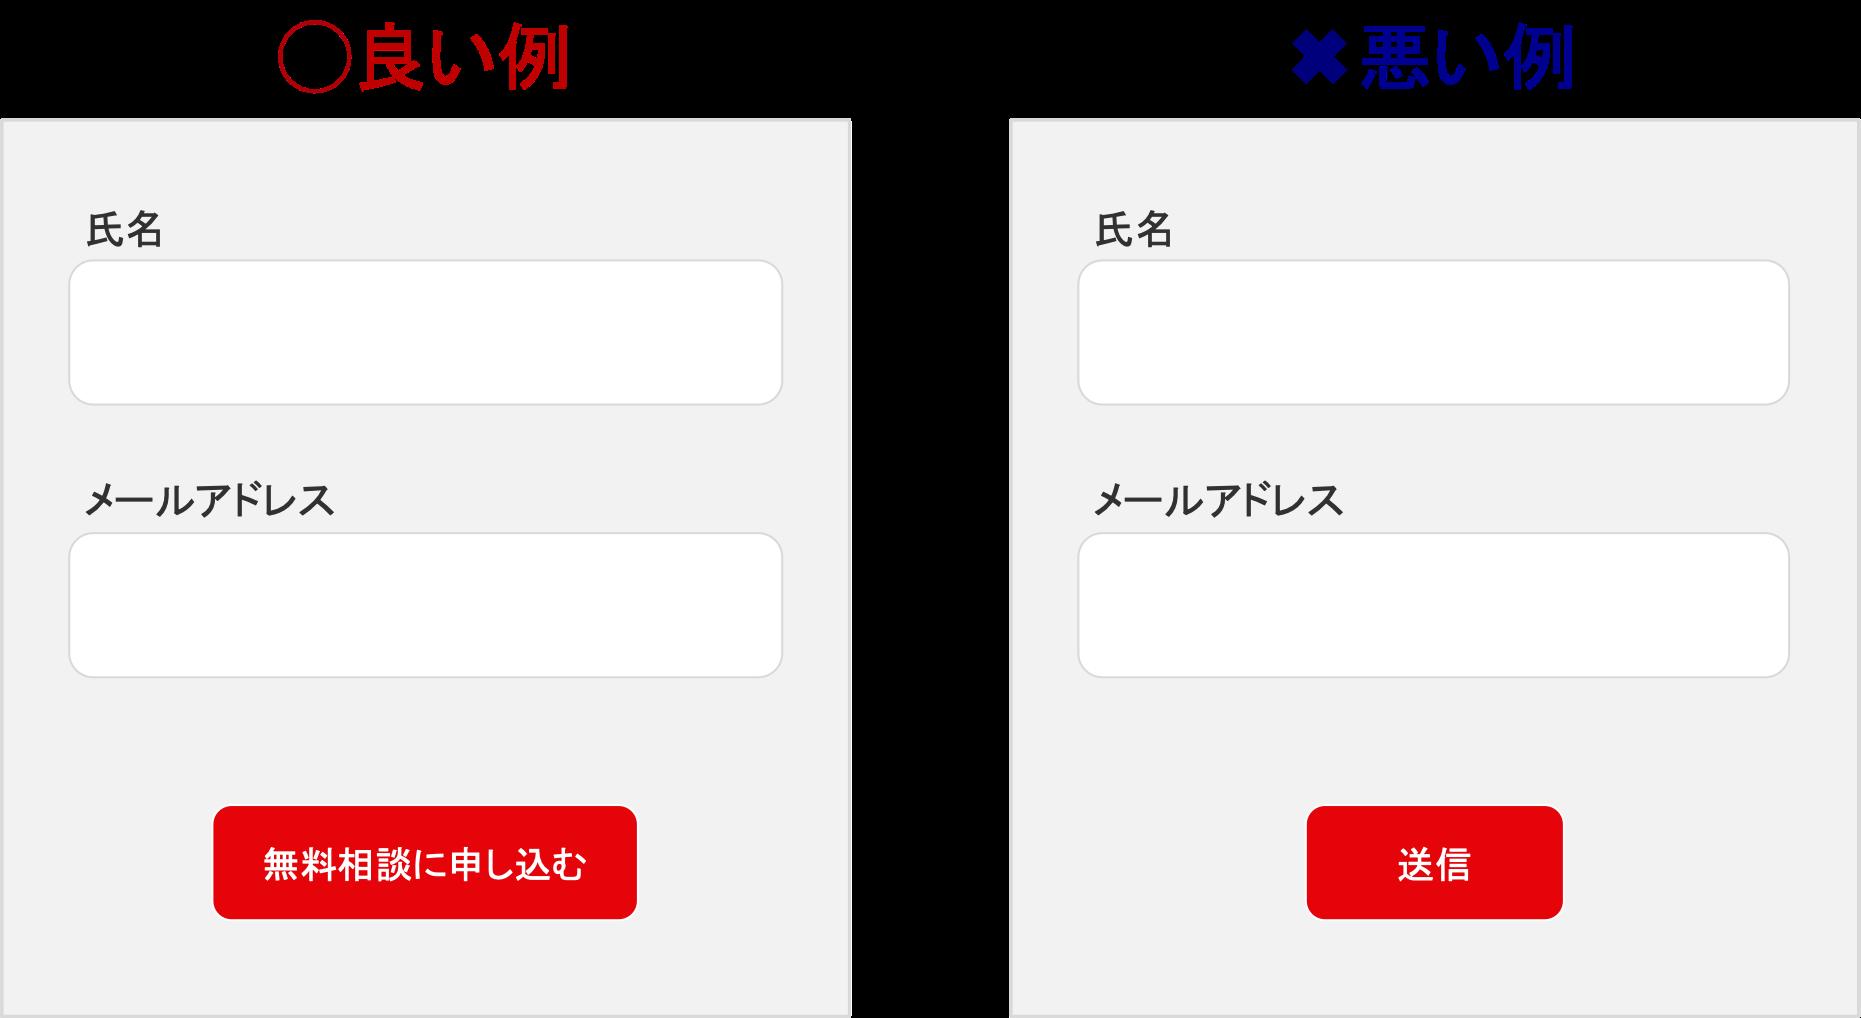 入力フォームのボタン内にアクションを明記するデザイン例